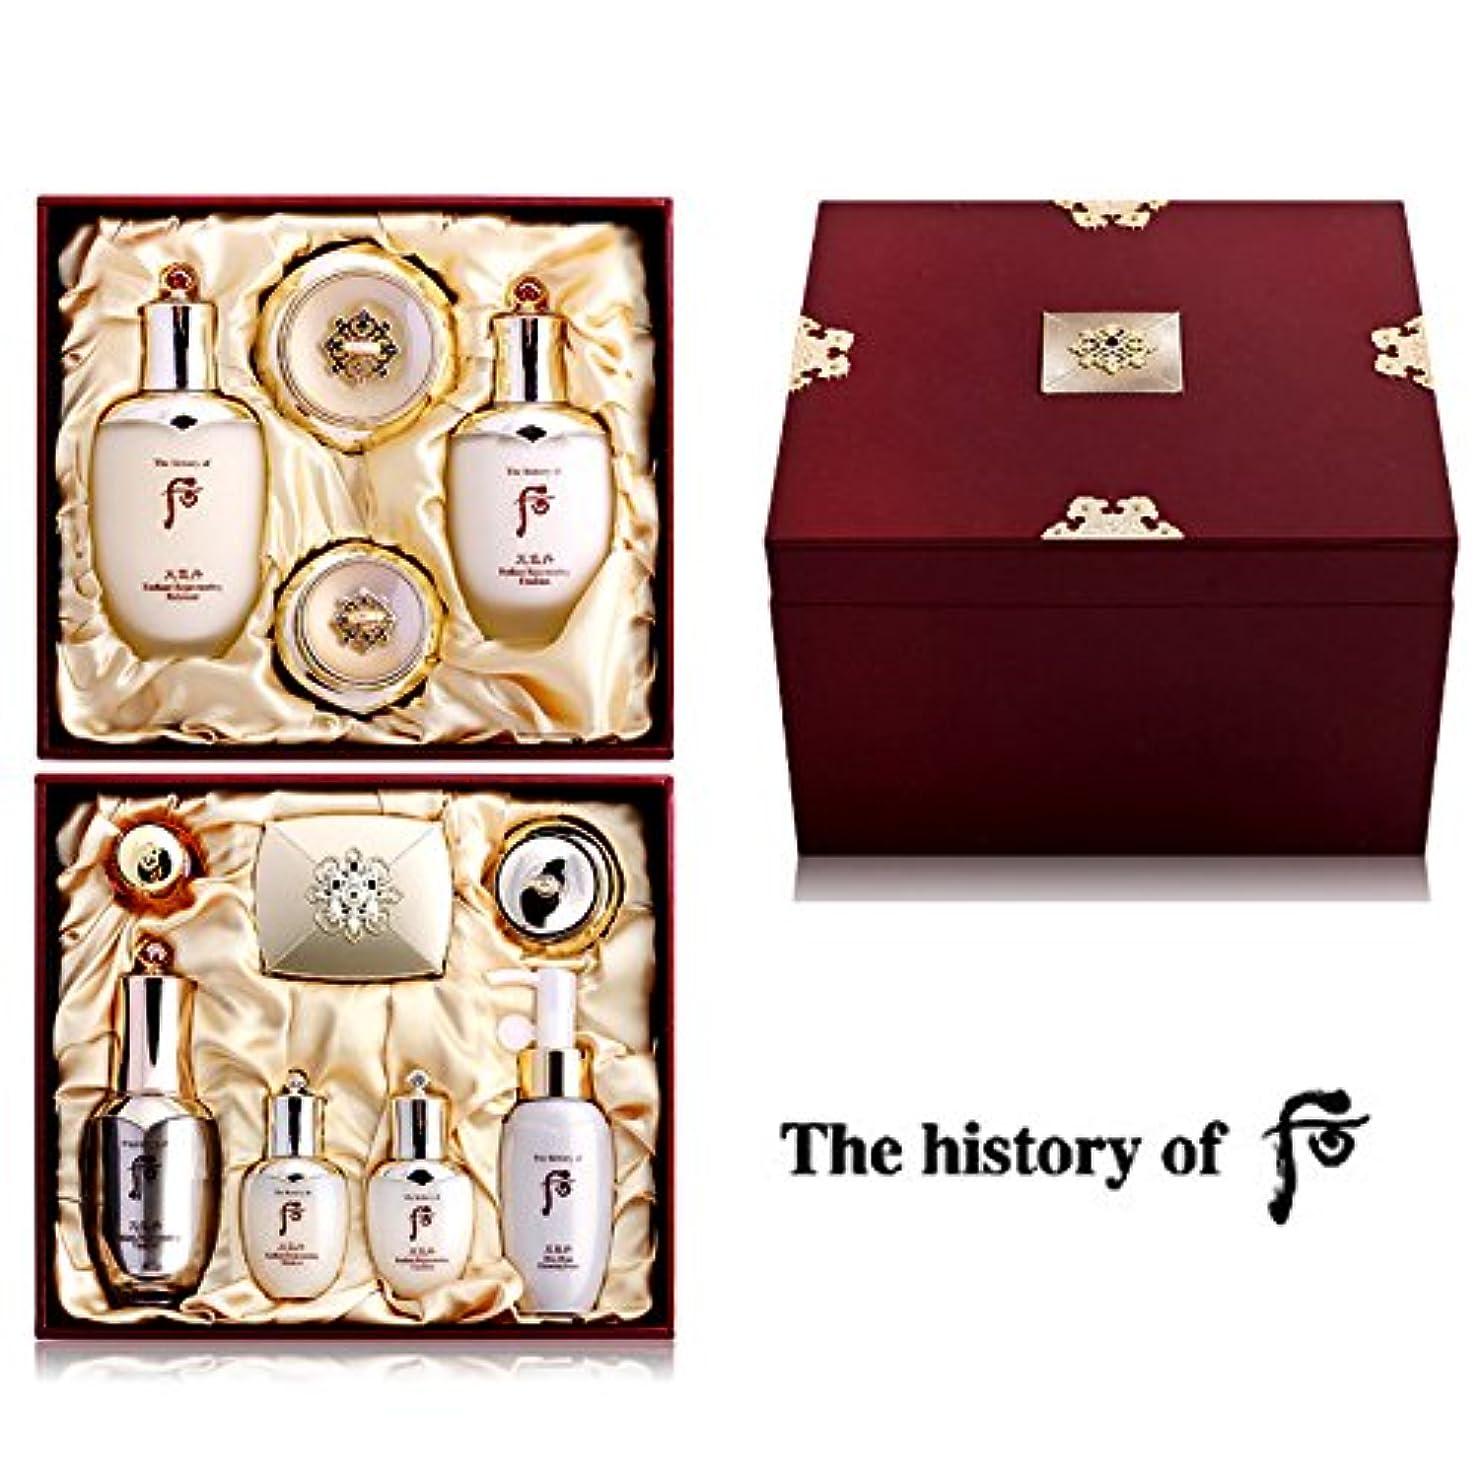 【フー/The history of whoo] 天気丹 王侯(チョンギダン ワンフ) セット/Chonghi Dan Queen Special Set+[Sample Gift](海外直送品)